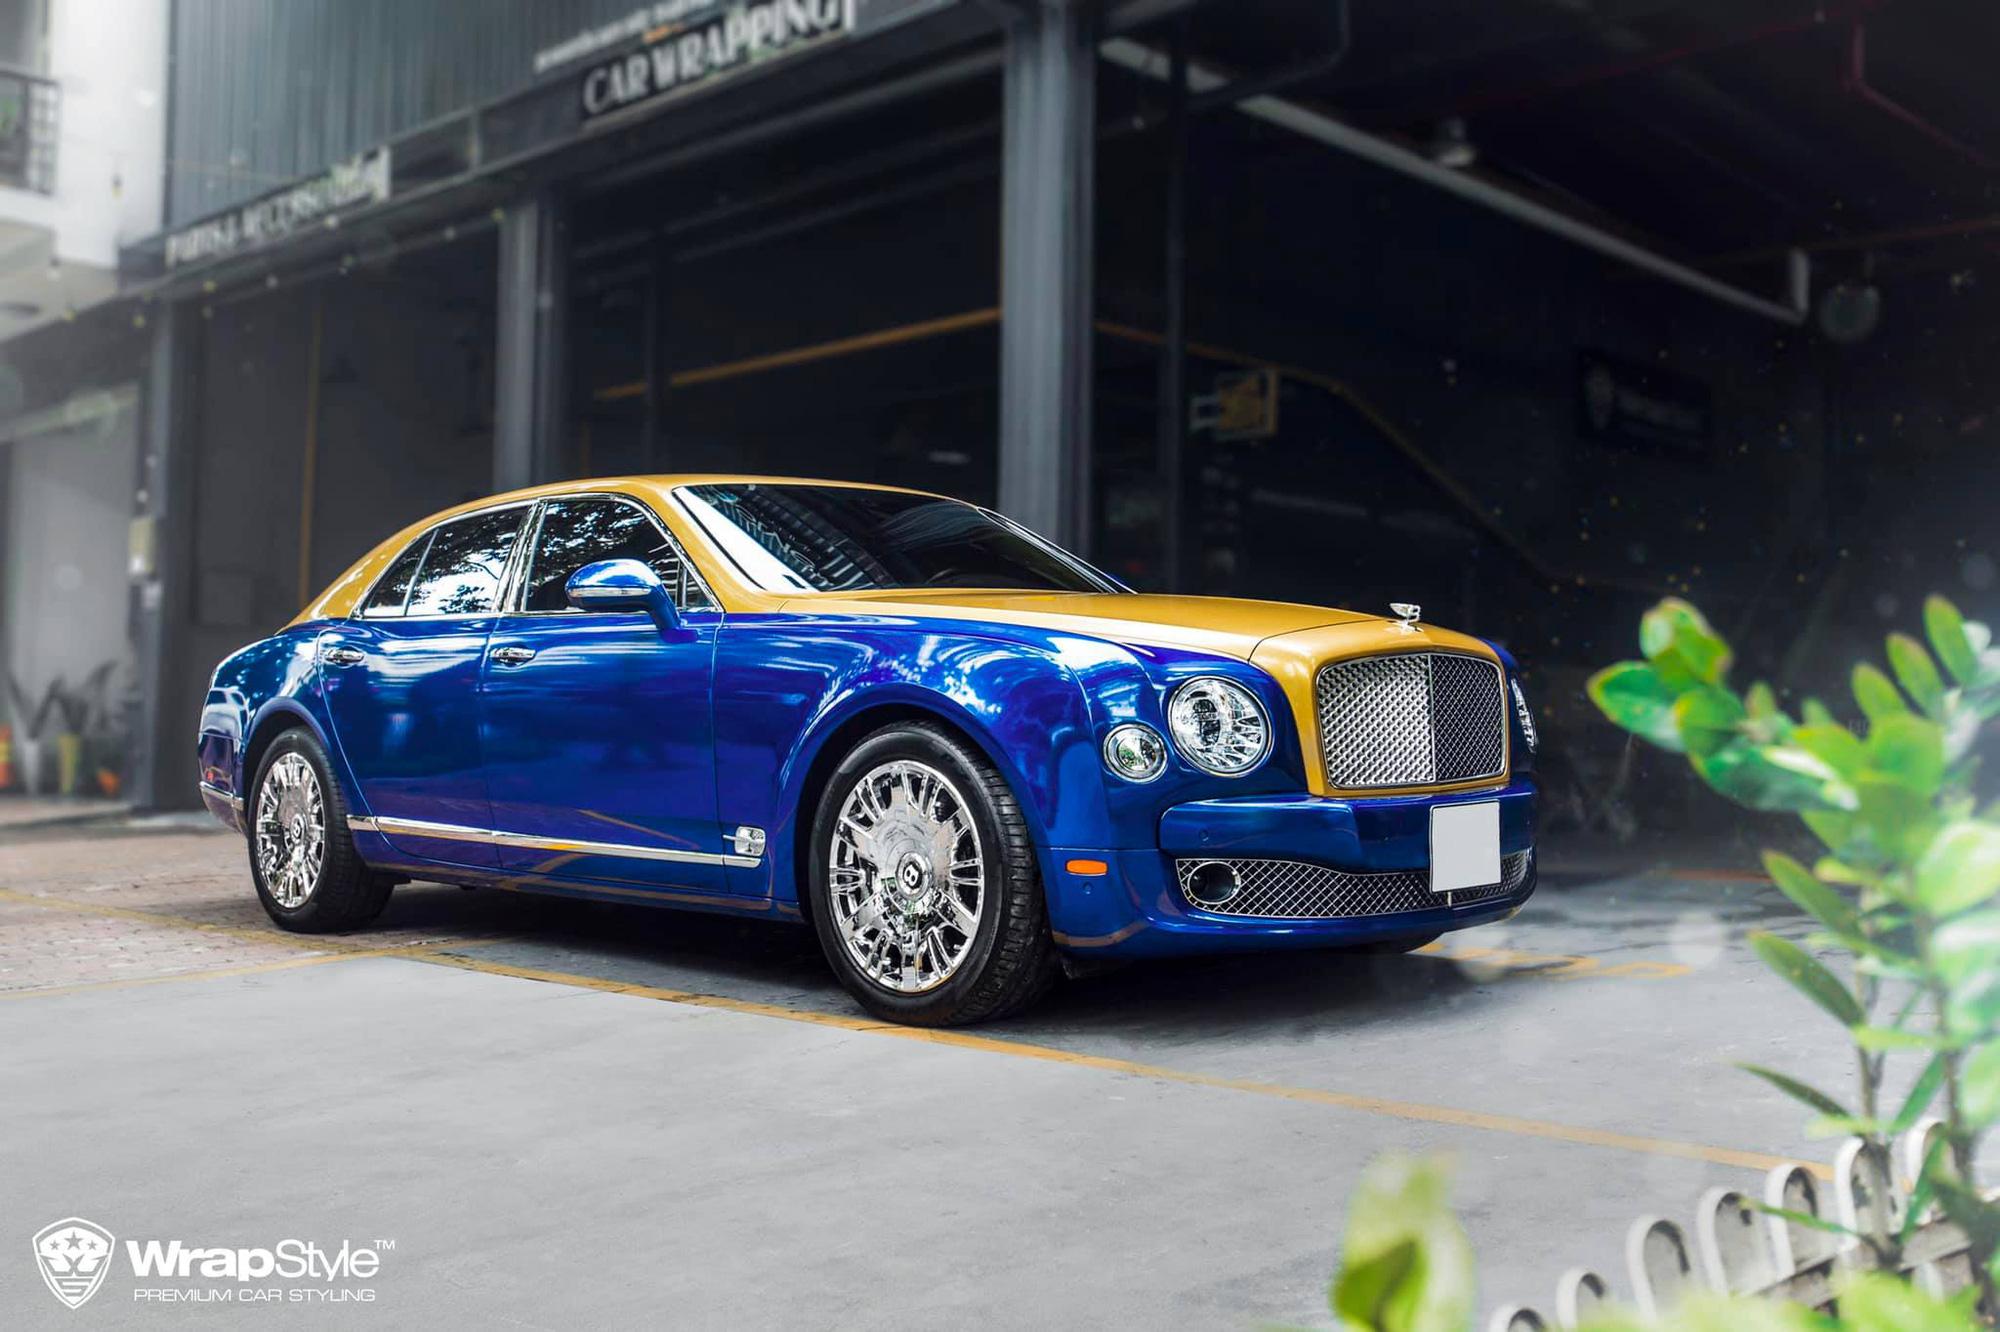 Hình ảnh chiếc Bentley Mulsanne khác lạ khiến không ít người tò mò. Điểm nổi bật là lớp decal hai tông màu độc đáo. Cụ thể, phần nóc xe được dán decal màu vàng đồng, trong khi phần thân được dán màu xanh dương lạ mắt.